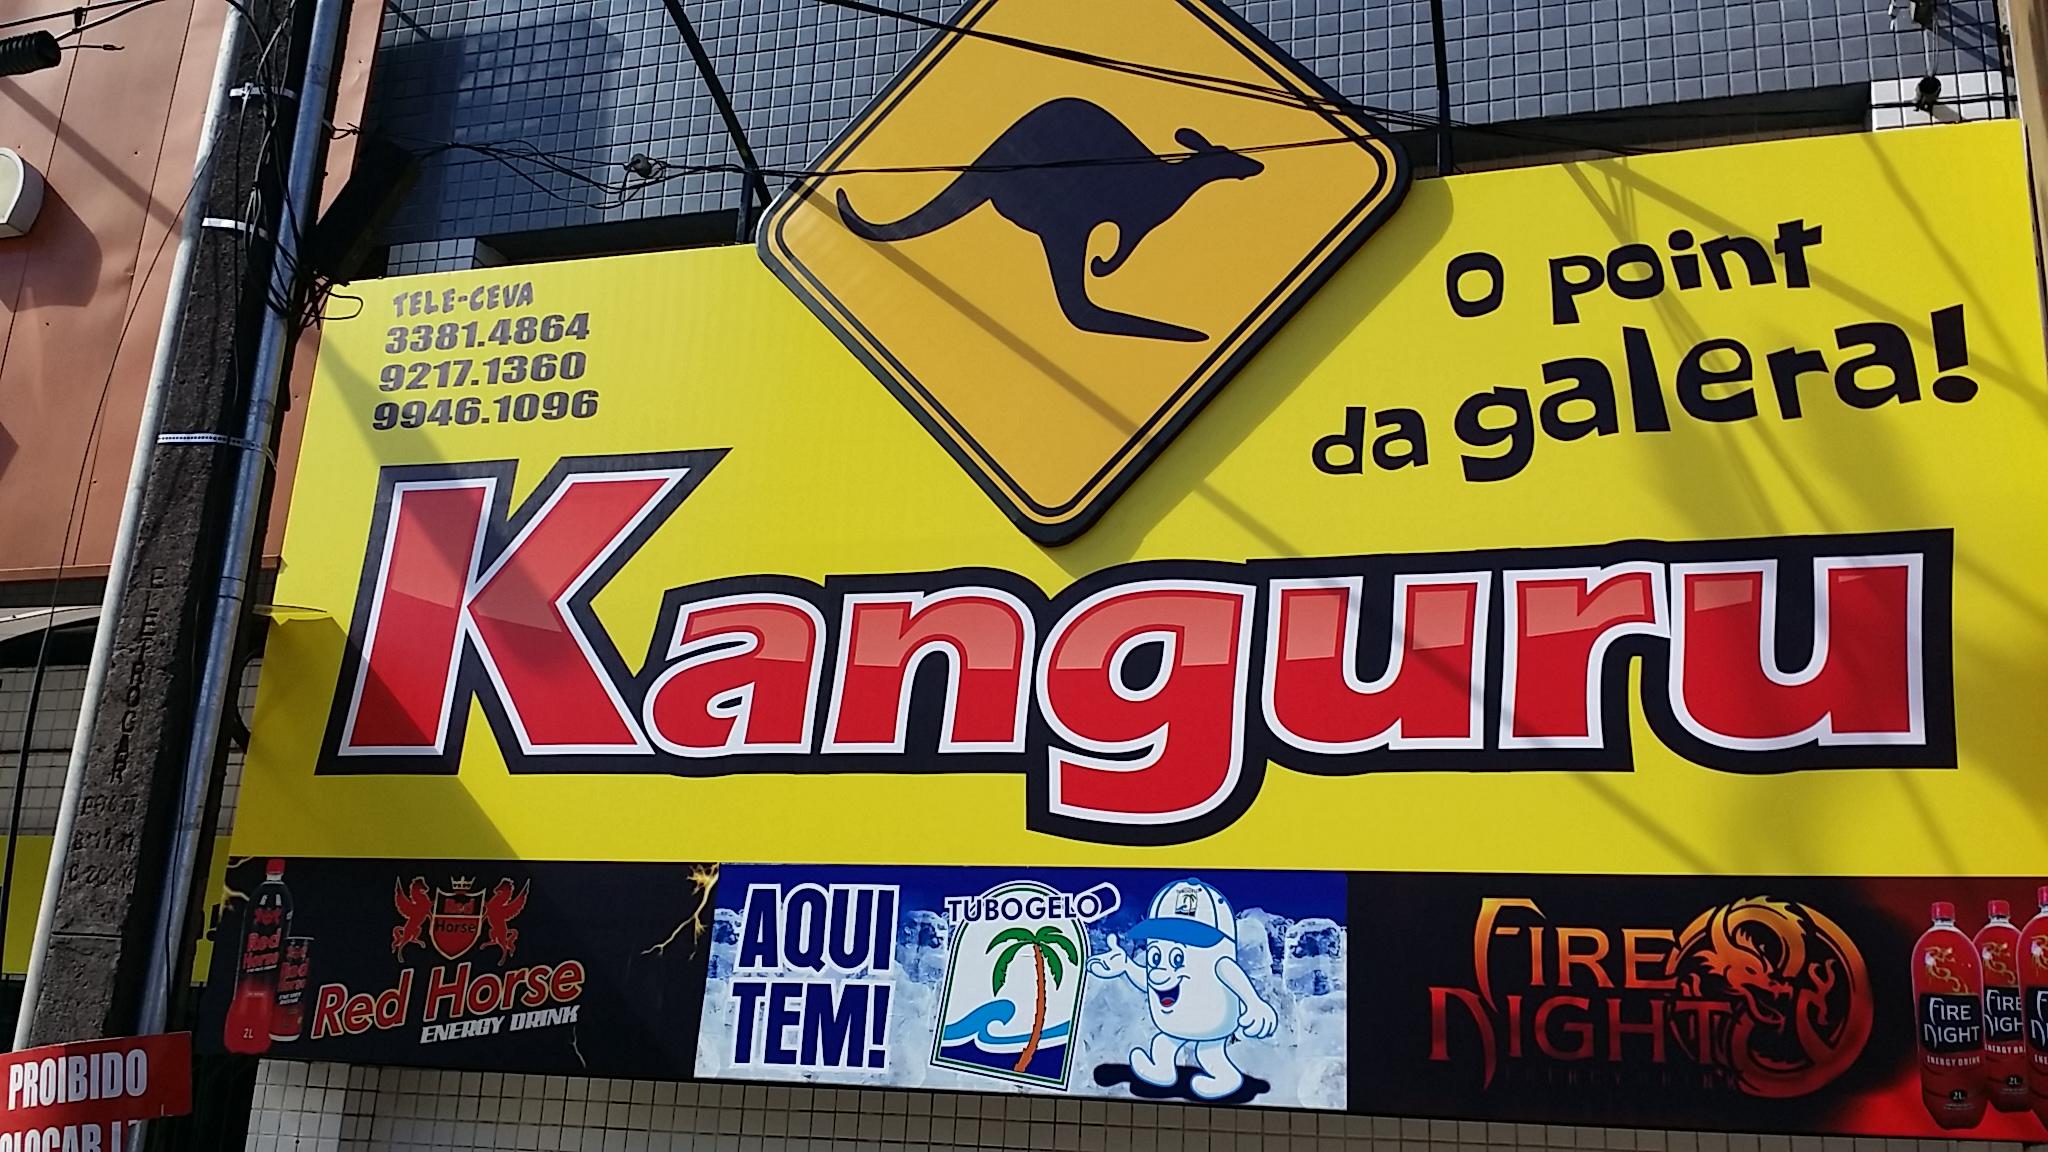 Kanguru 4